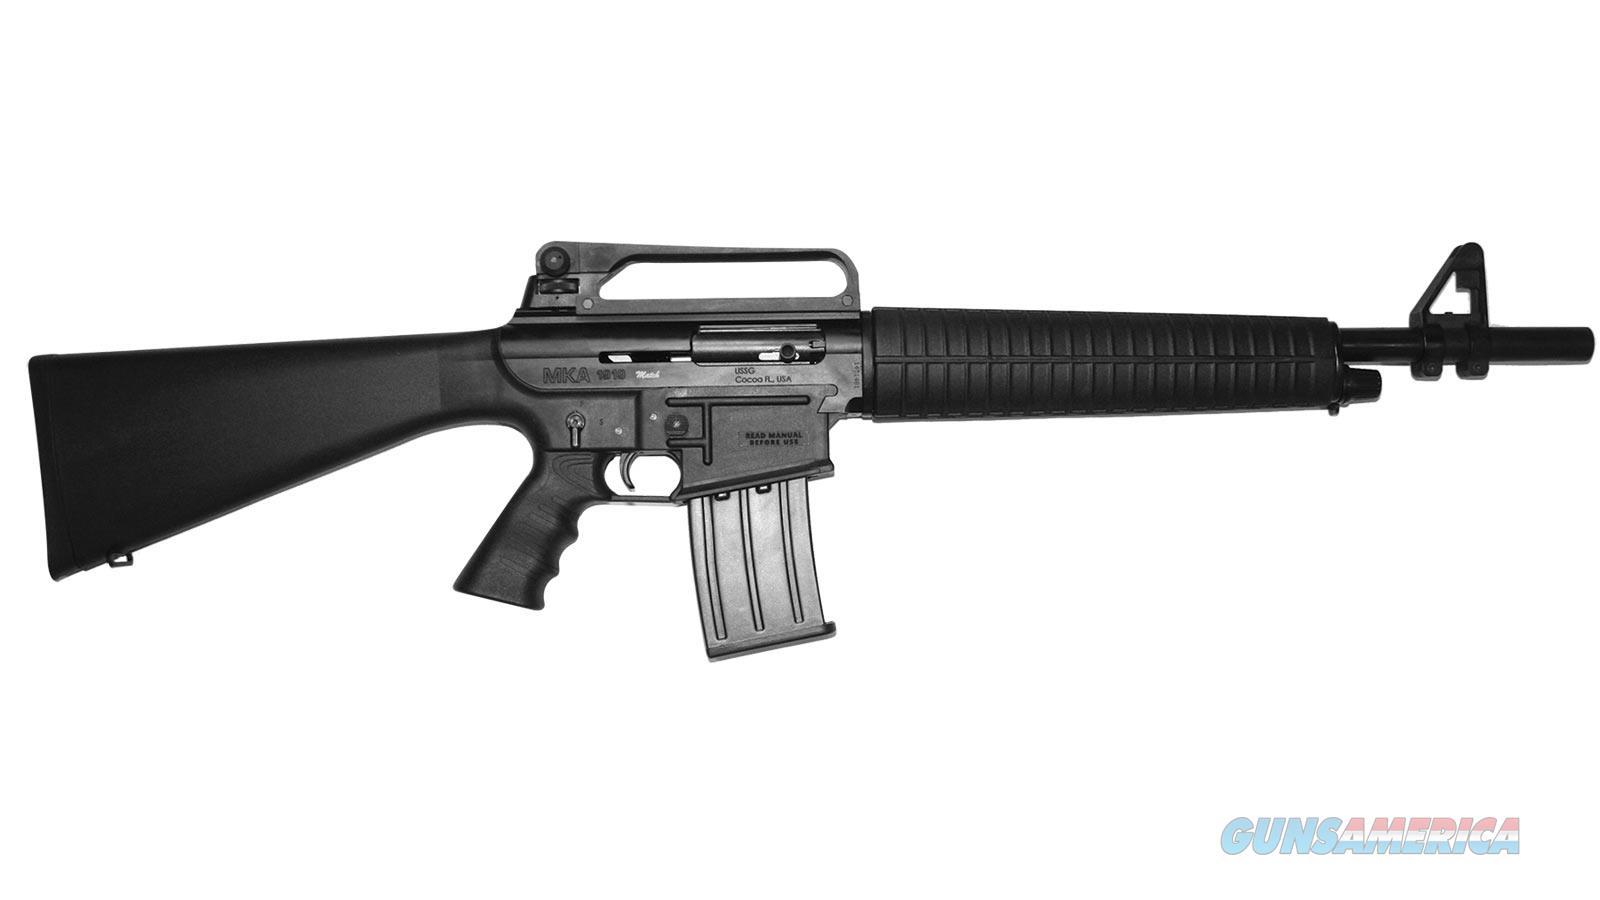 Mka1919 19 12Ga Blk MKA191912GA19INSASG  Guns > Shotguns > E Misc Shotguns